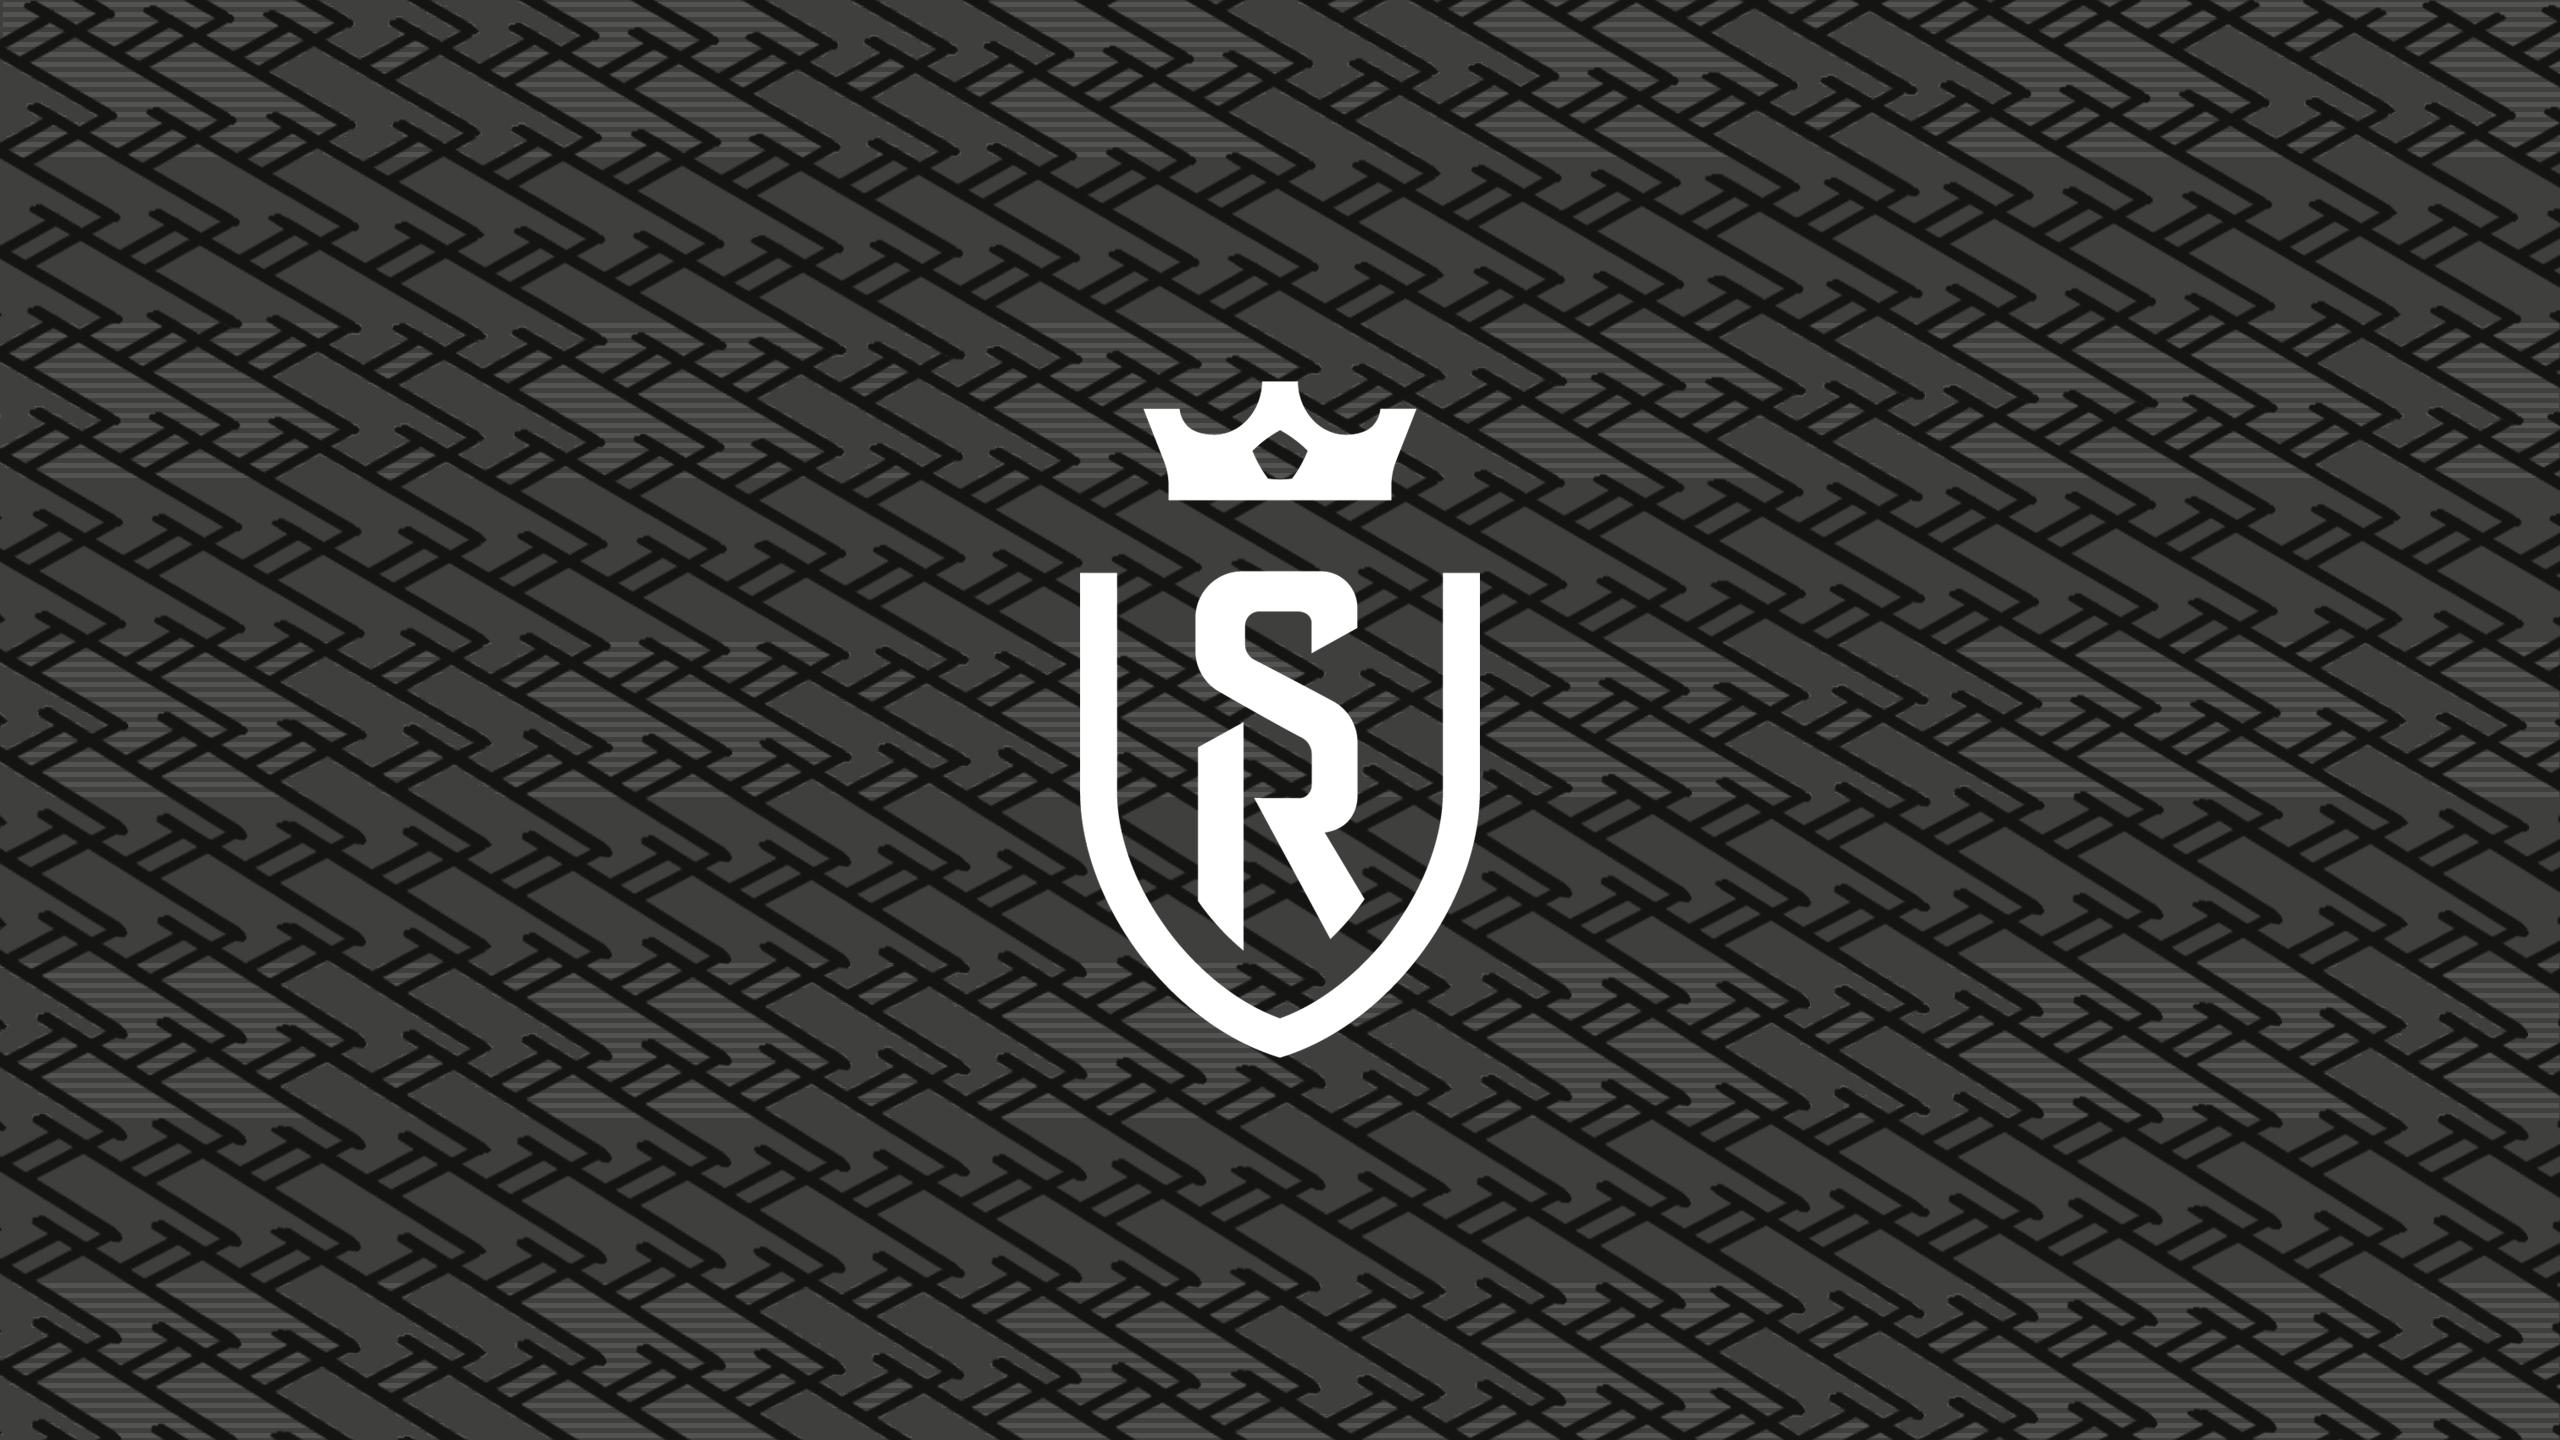 Stade de Reims (Third)